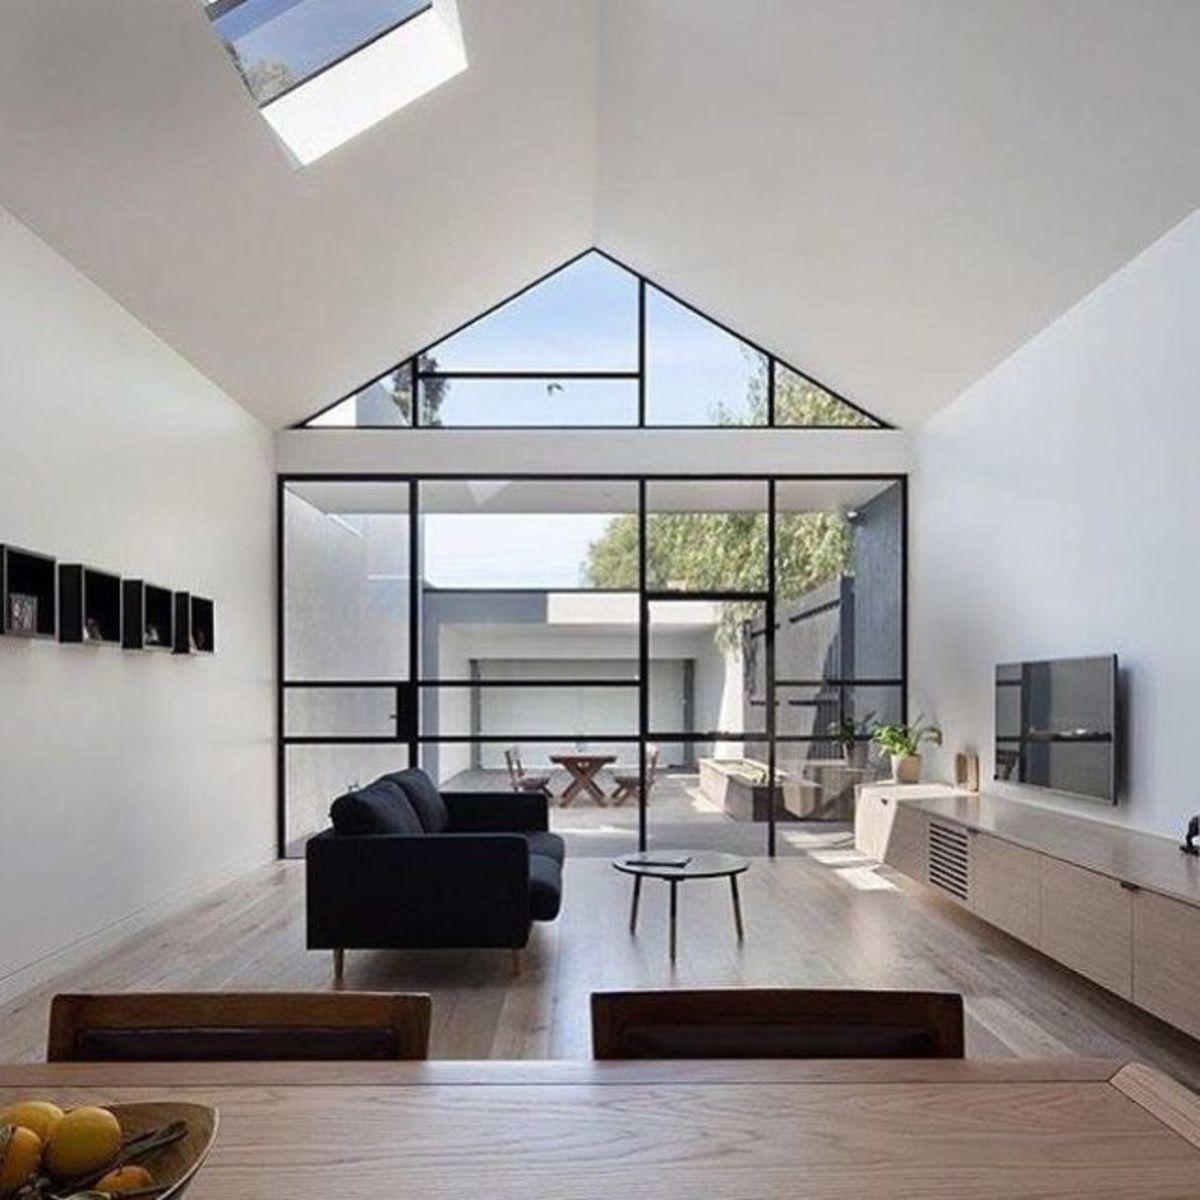 Architecture Interior Design: Minimal Interior Design Inspiration